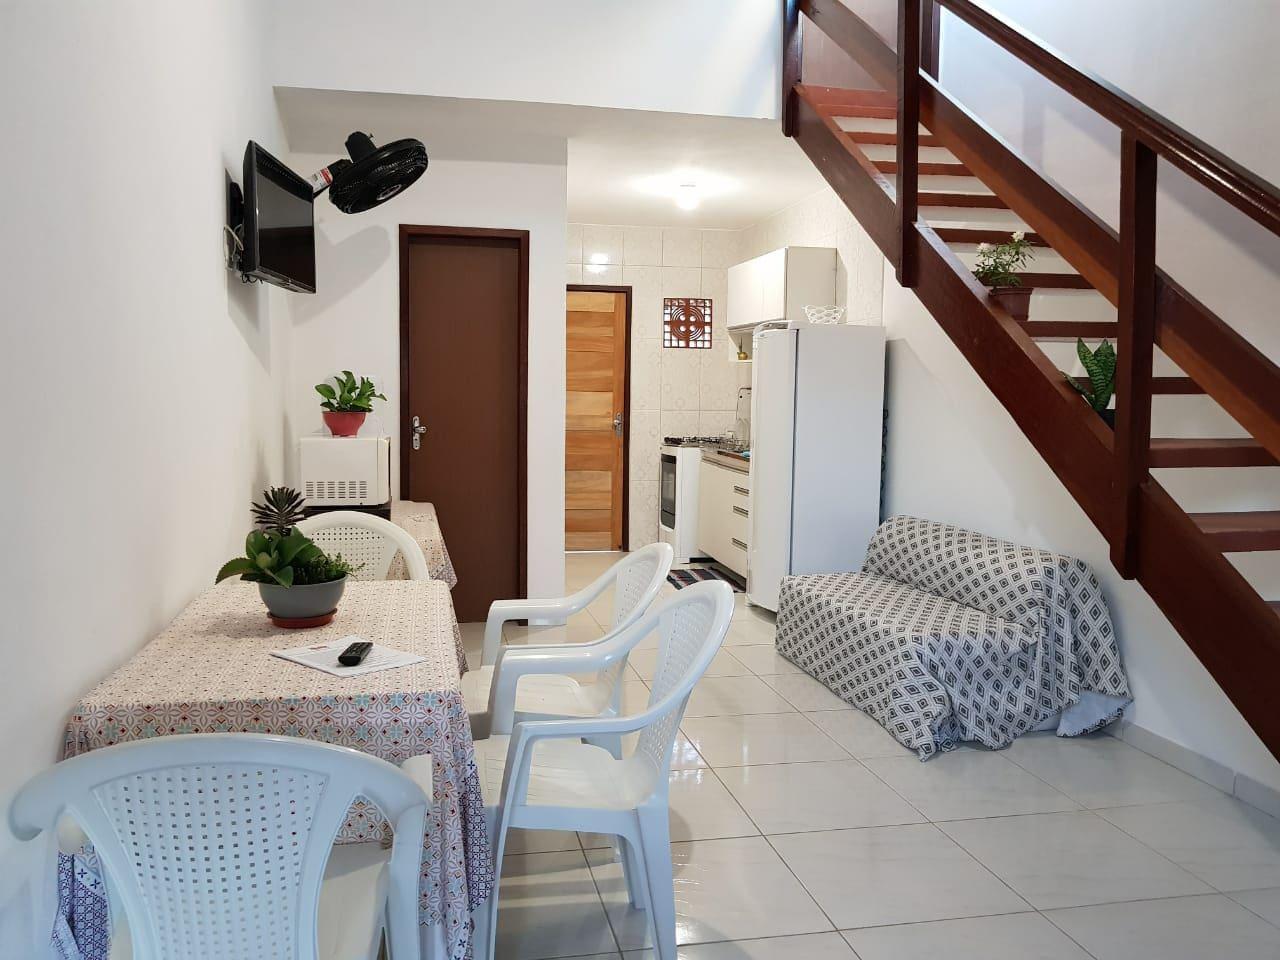 Interior do espaço disponível aos hóspedes. Sala com sofá cama, tv, ventilador, mesas e cadeiras. Wi-fi em todo espaço.